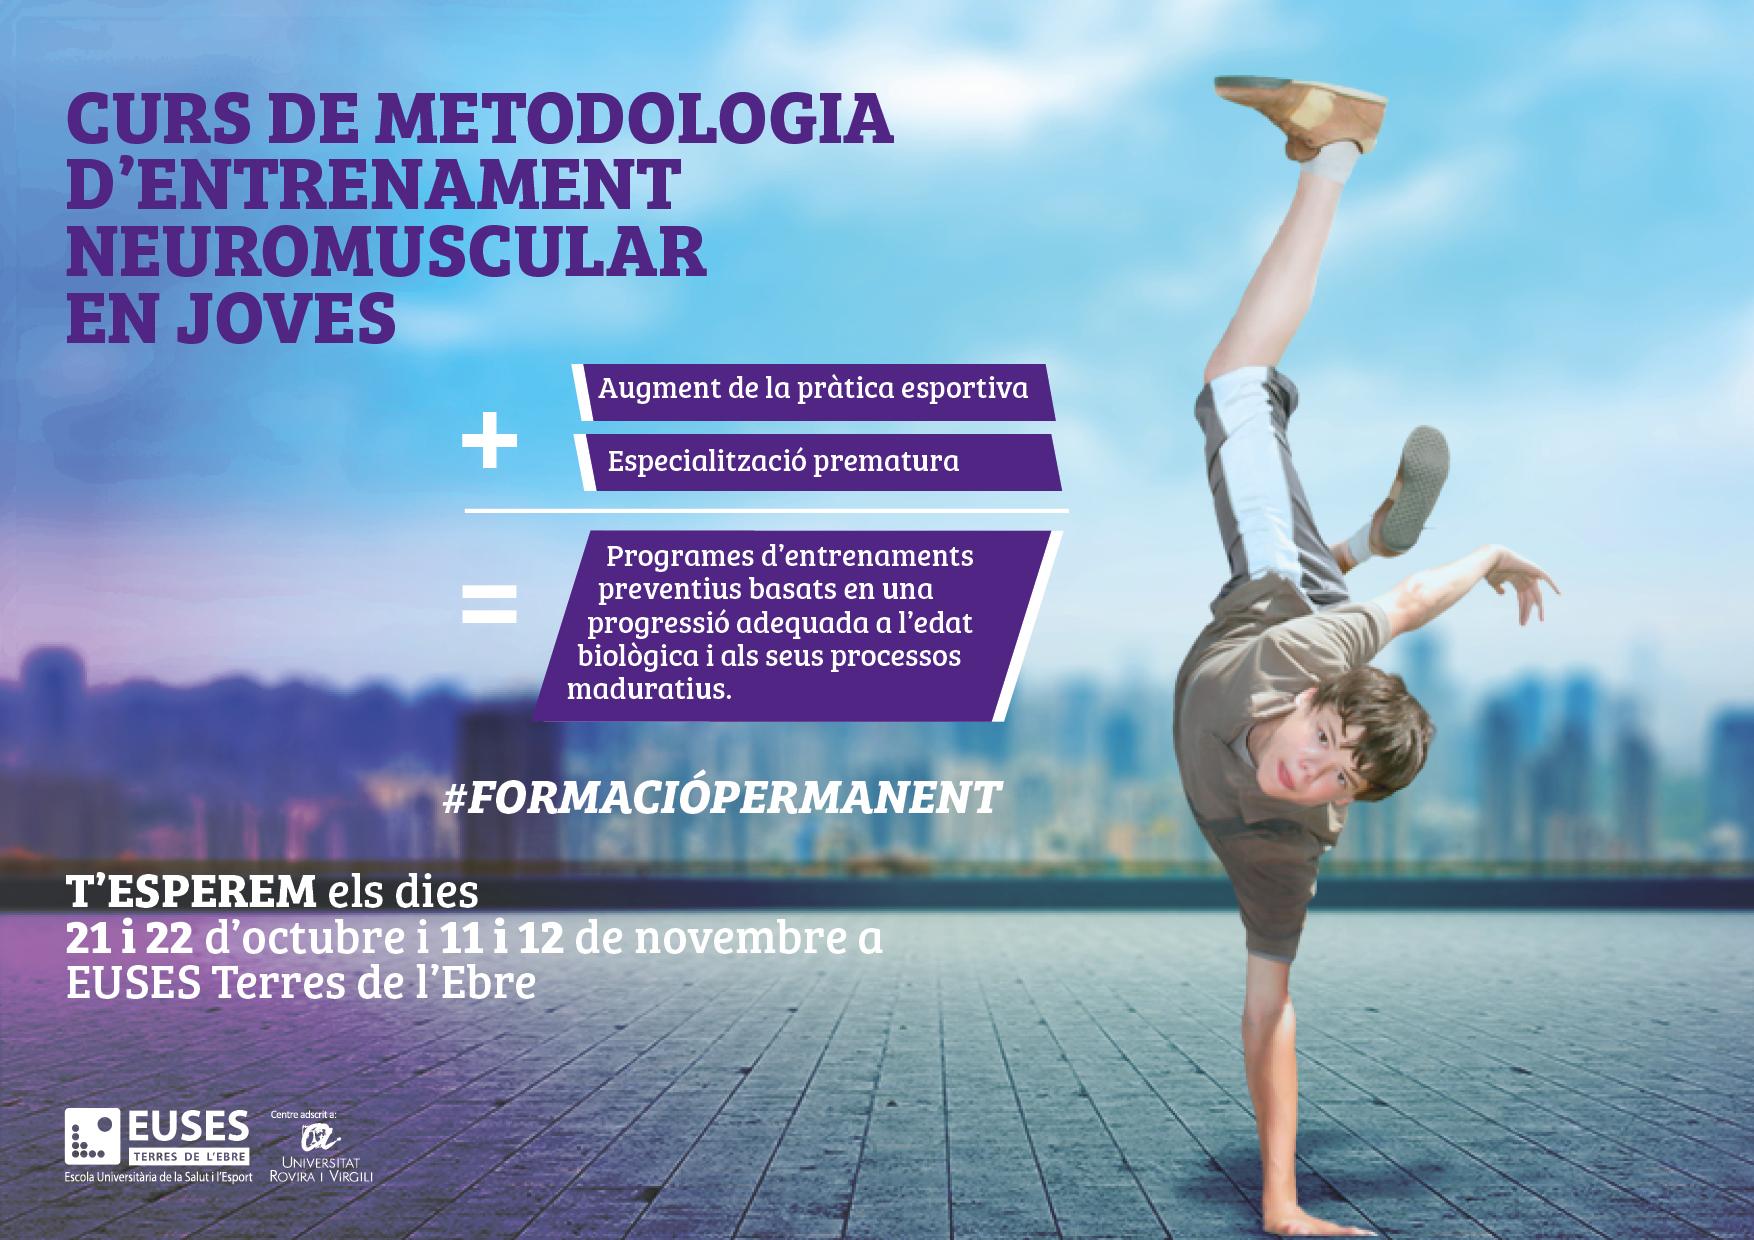 EUSES Terres de l'Ebre dóna resposta a les necessitats del sector de l'esport amb el 'Curs de metodologia d'entrenament neuromuscular en joves', una formació al dia dels molts canvis que es produeixen en aquest àmbit